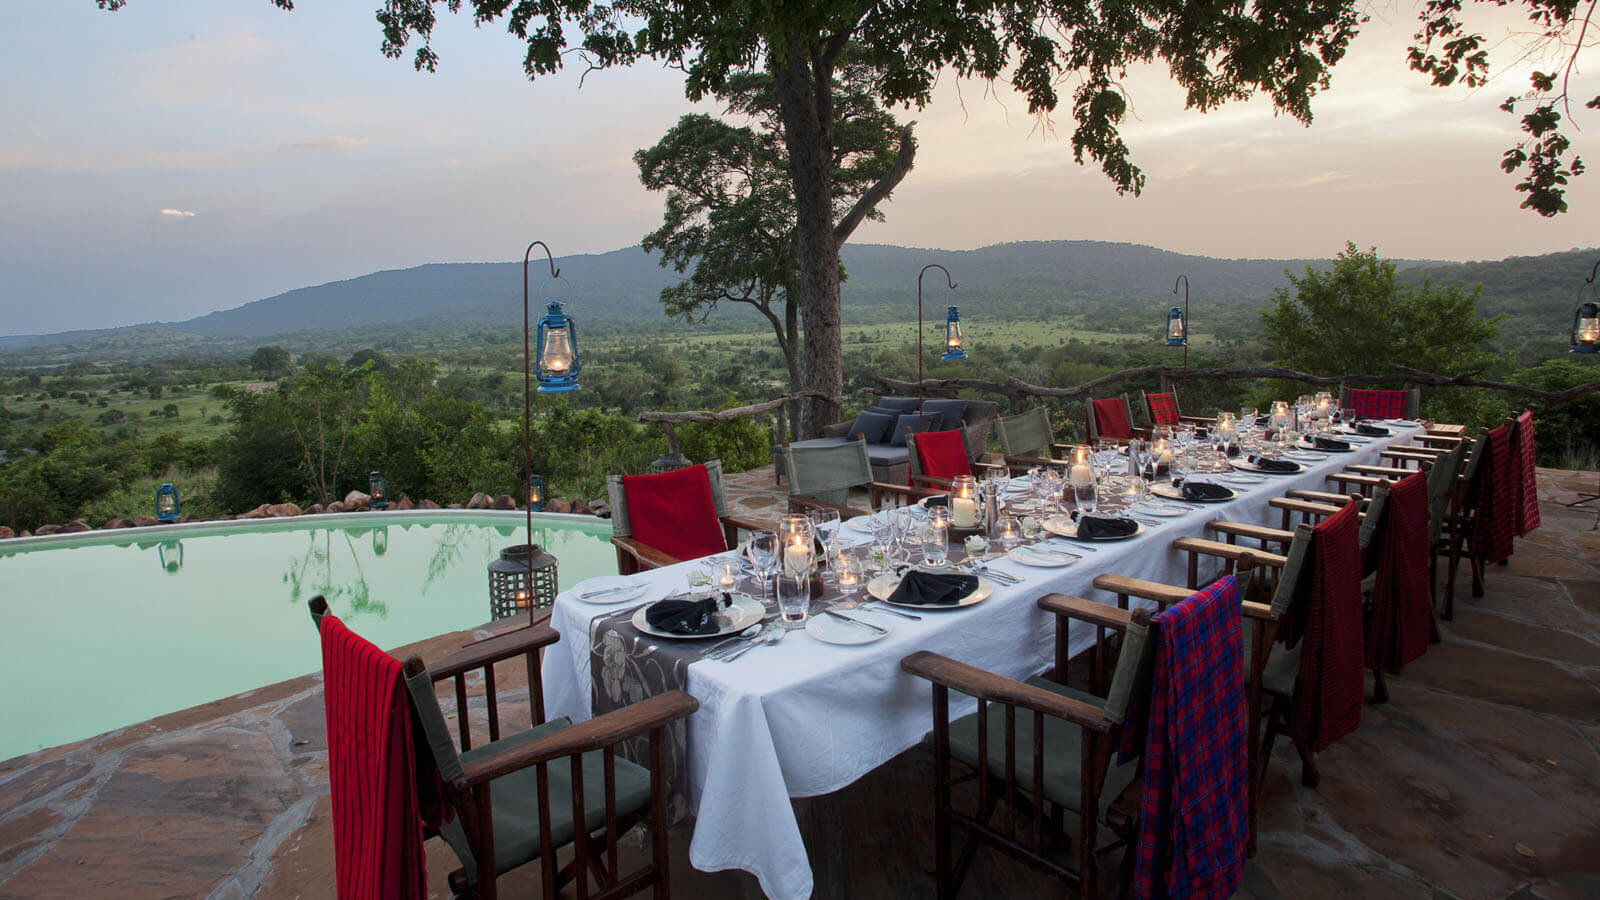 Safari Dining in Tanzania